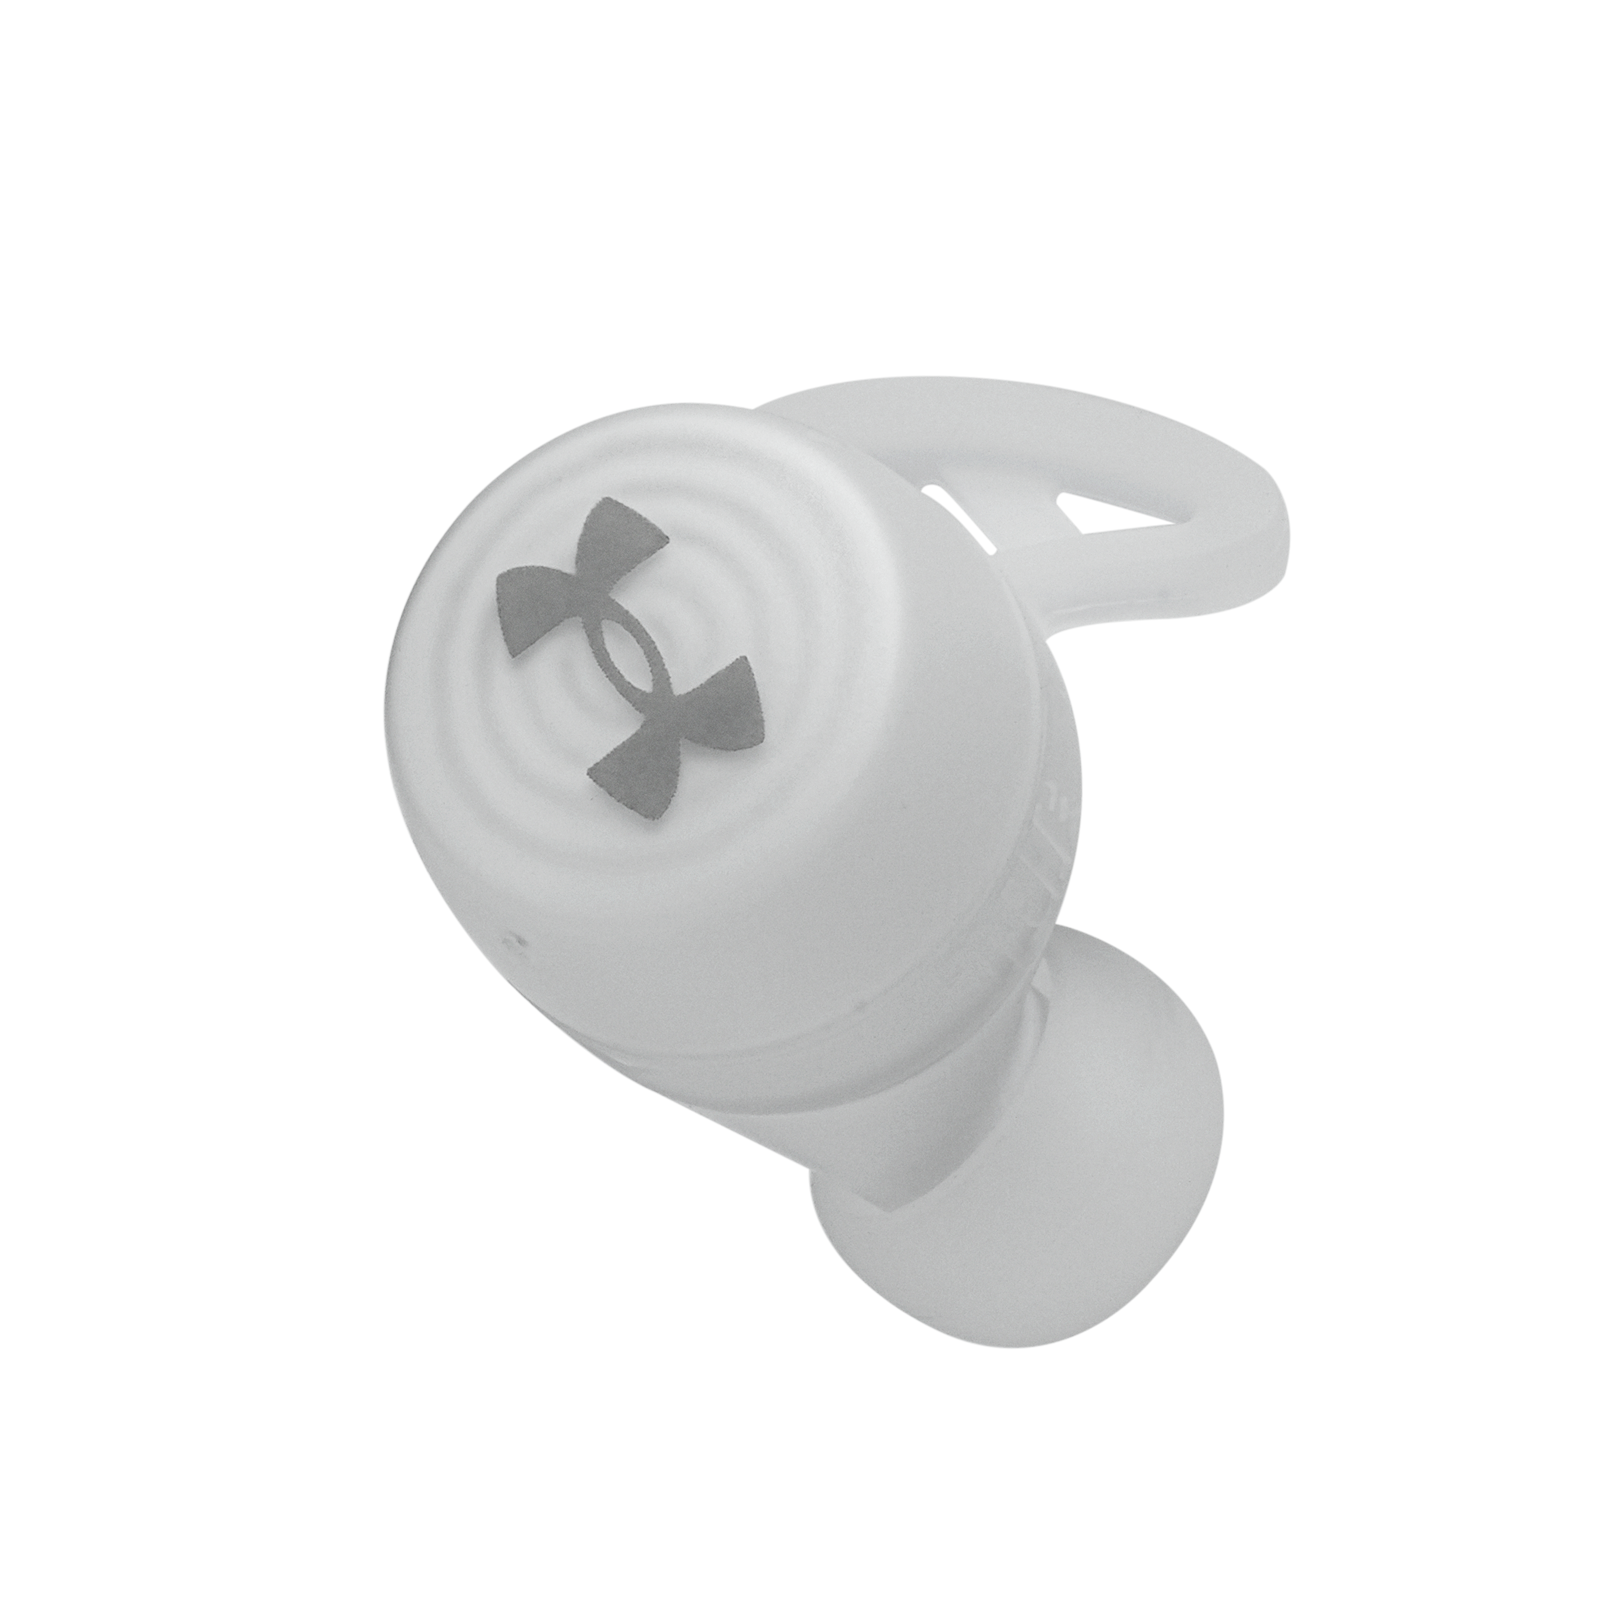 UA True Wireless Streak - White - Ultra-compact In-Ear Sport Headphones - Detailshot 3